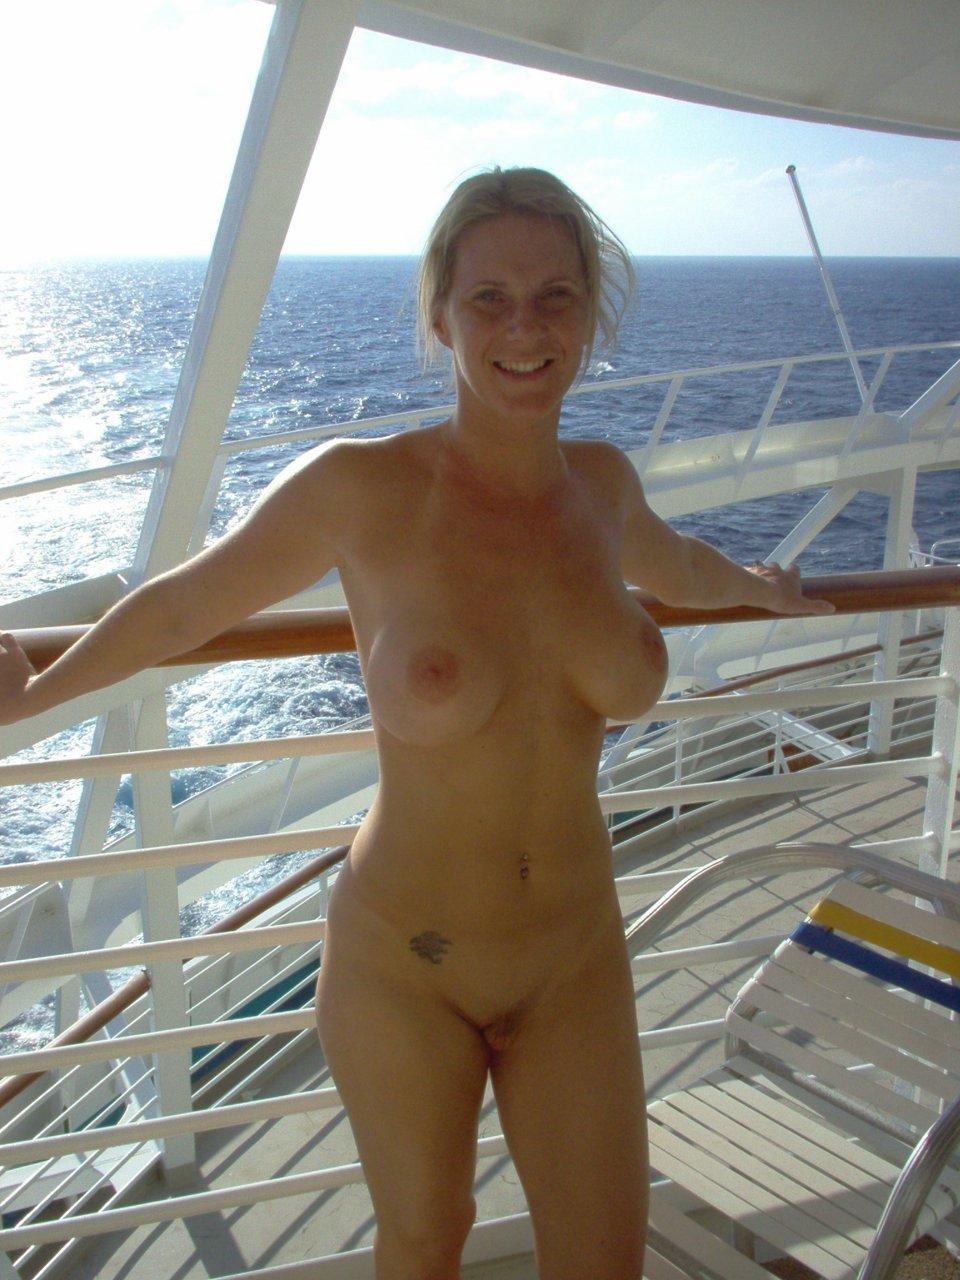 Cruise ship milf